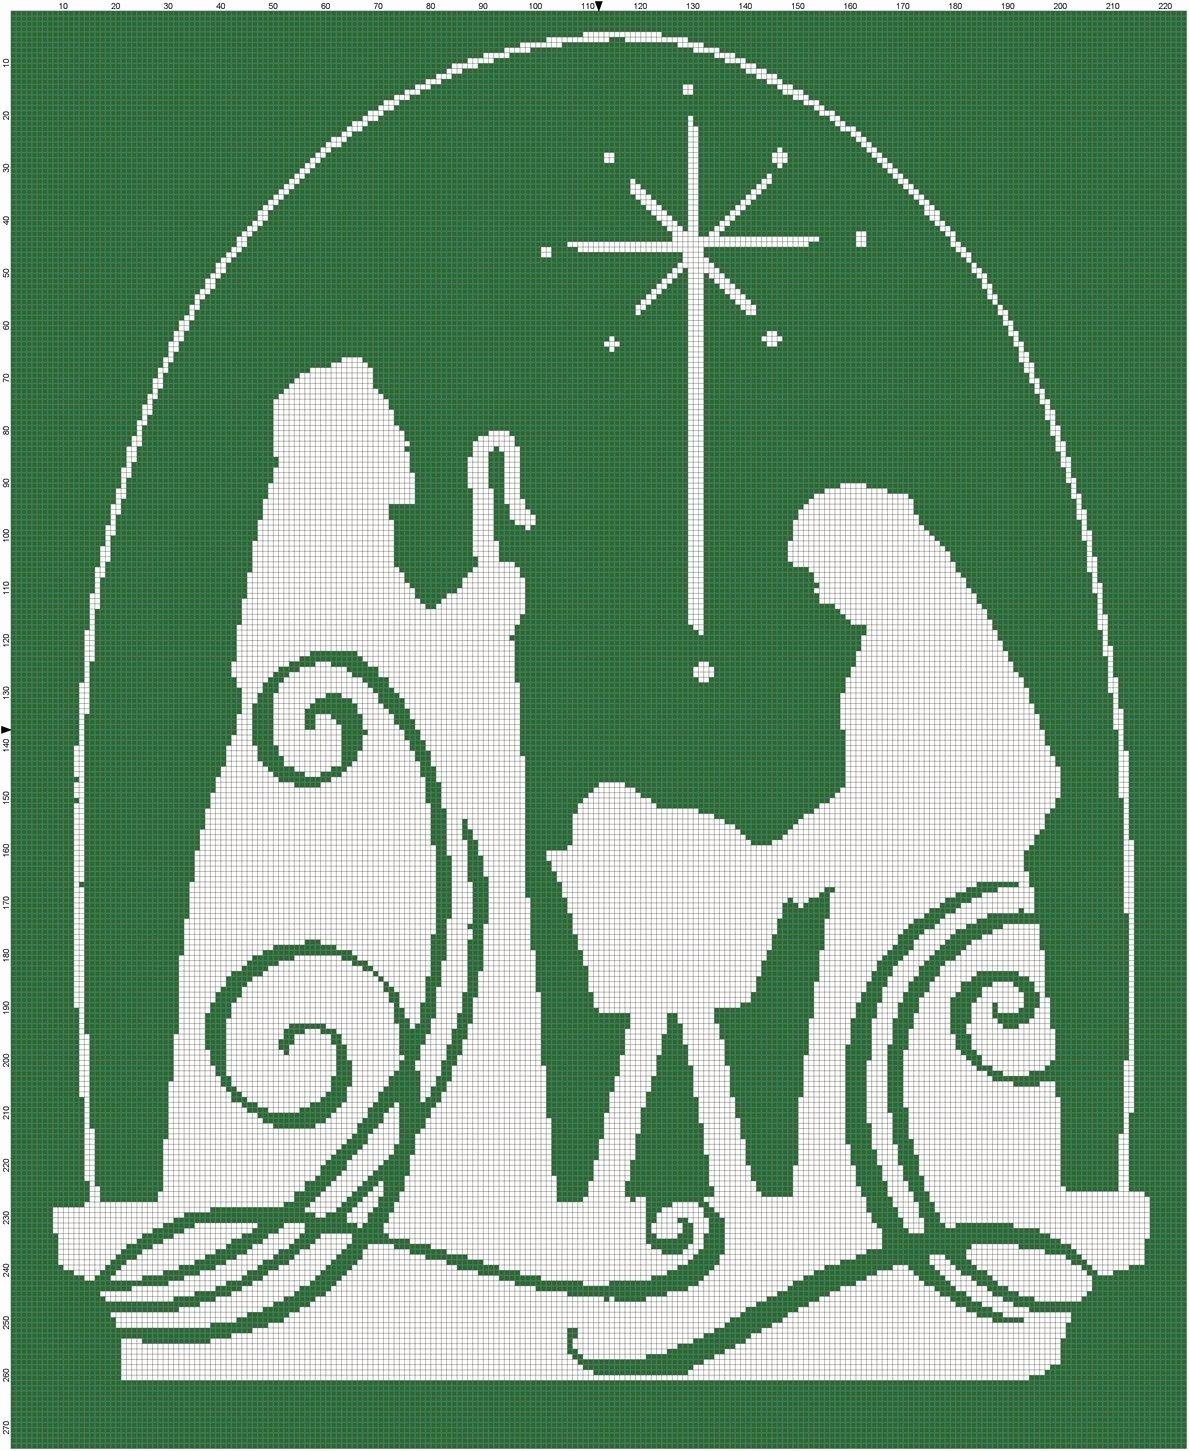 Silhouette Nativity Scene Pattern Unique Christmas Jesus Nativity Scene Cross Stitch Pattern